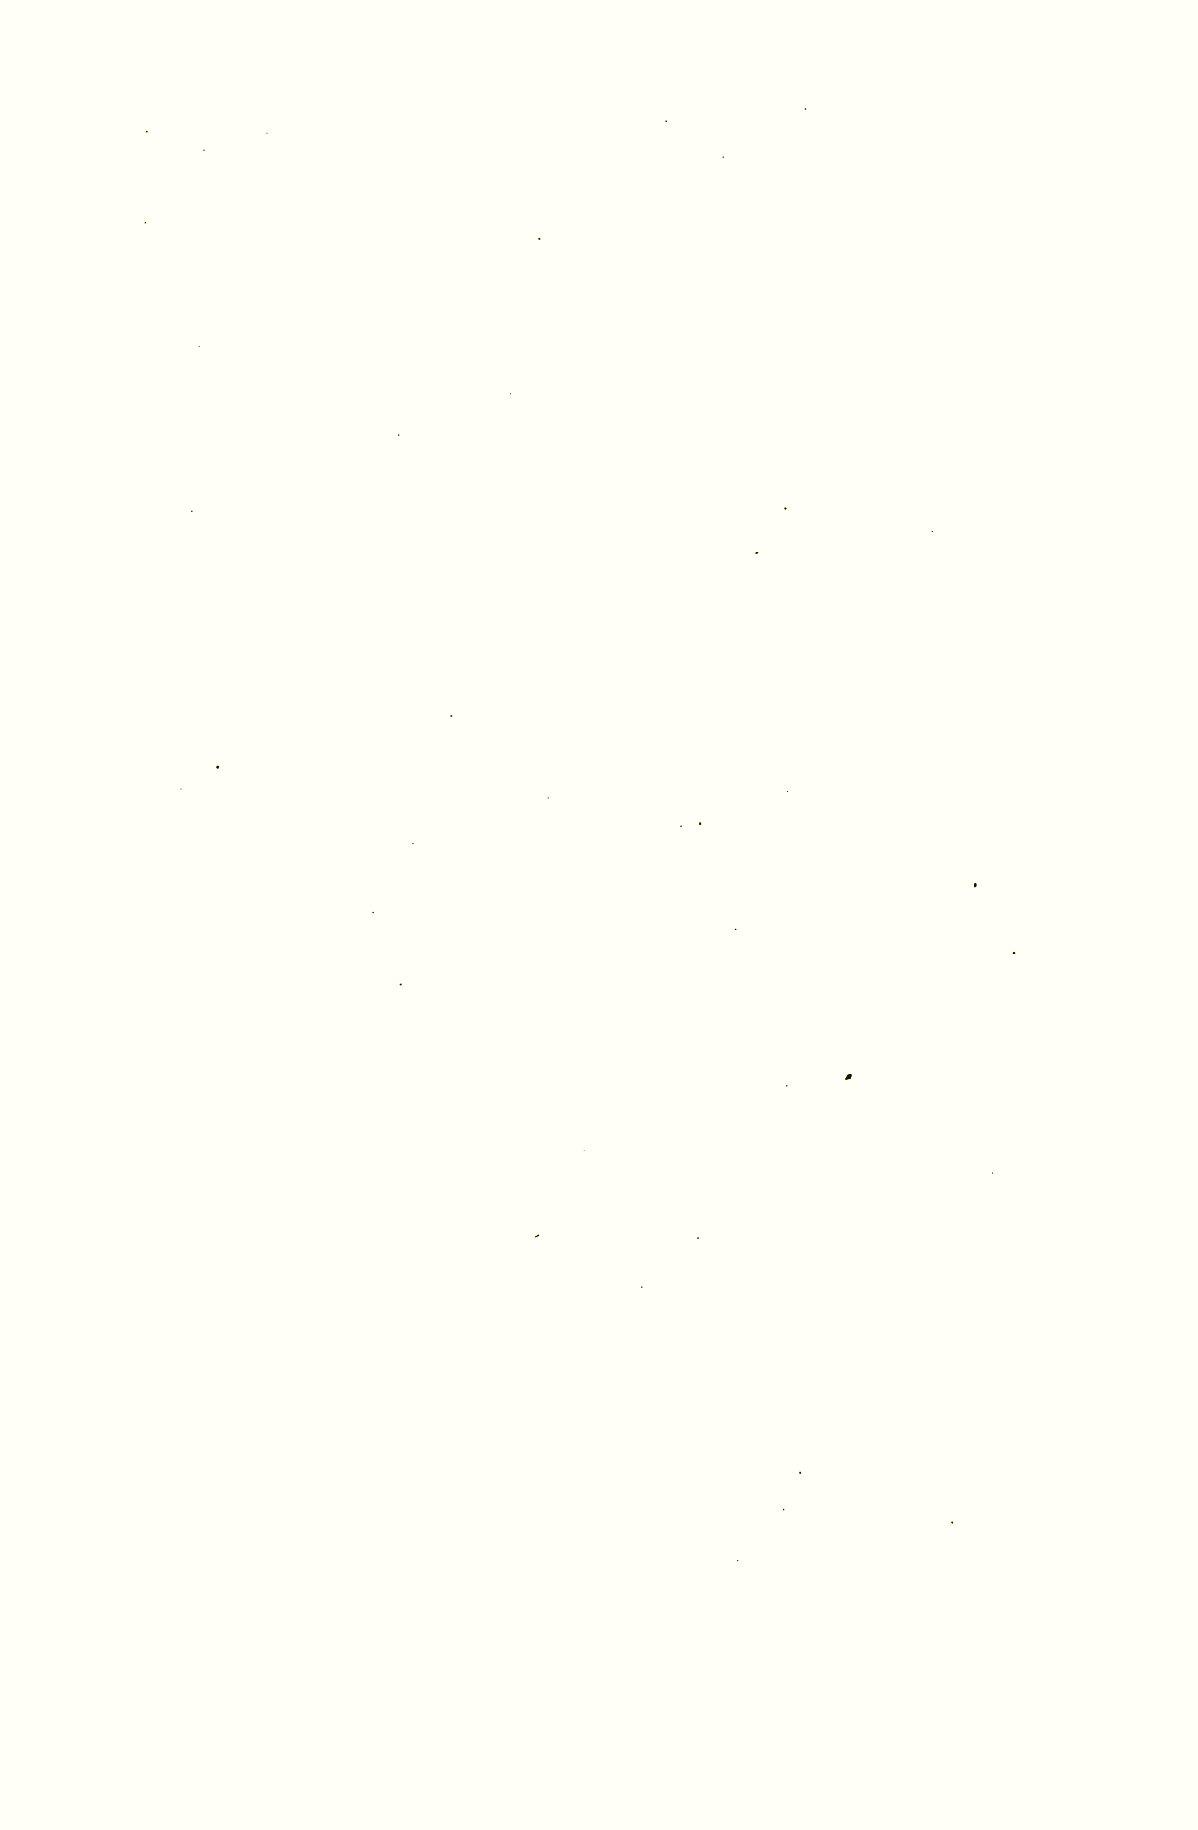 Spengel, J. W. 1872. Die Darwinsche Theorie: Verzeichniss der über ...